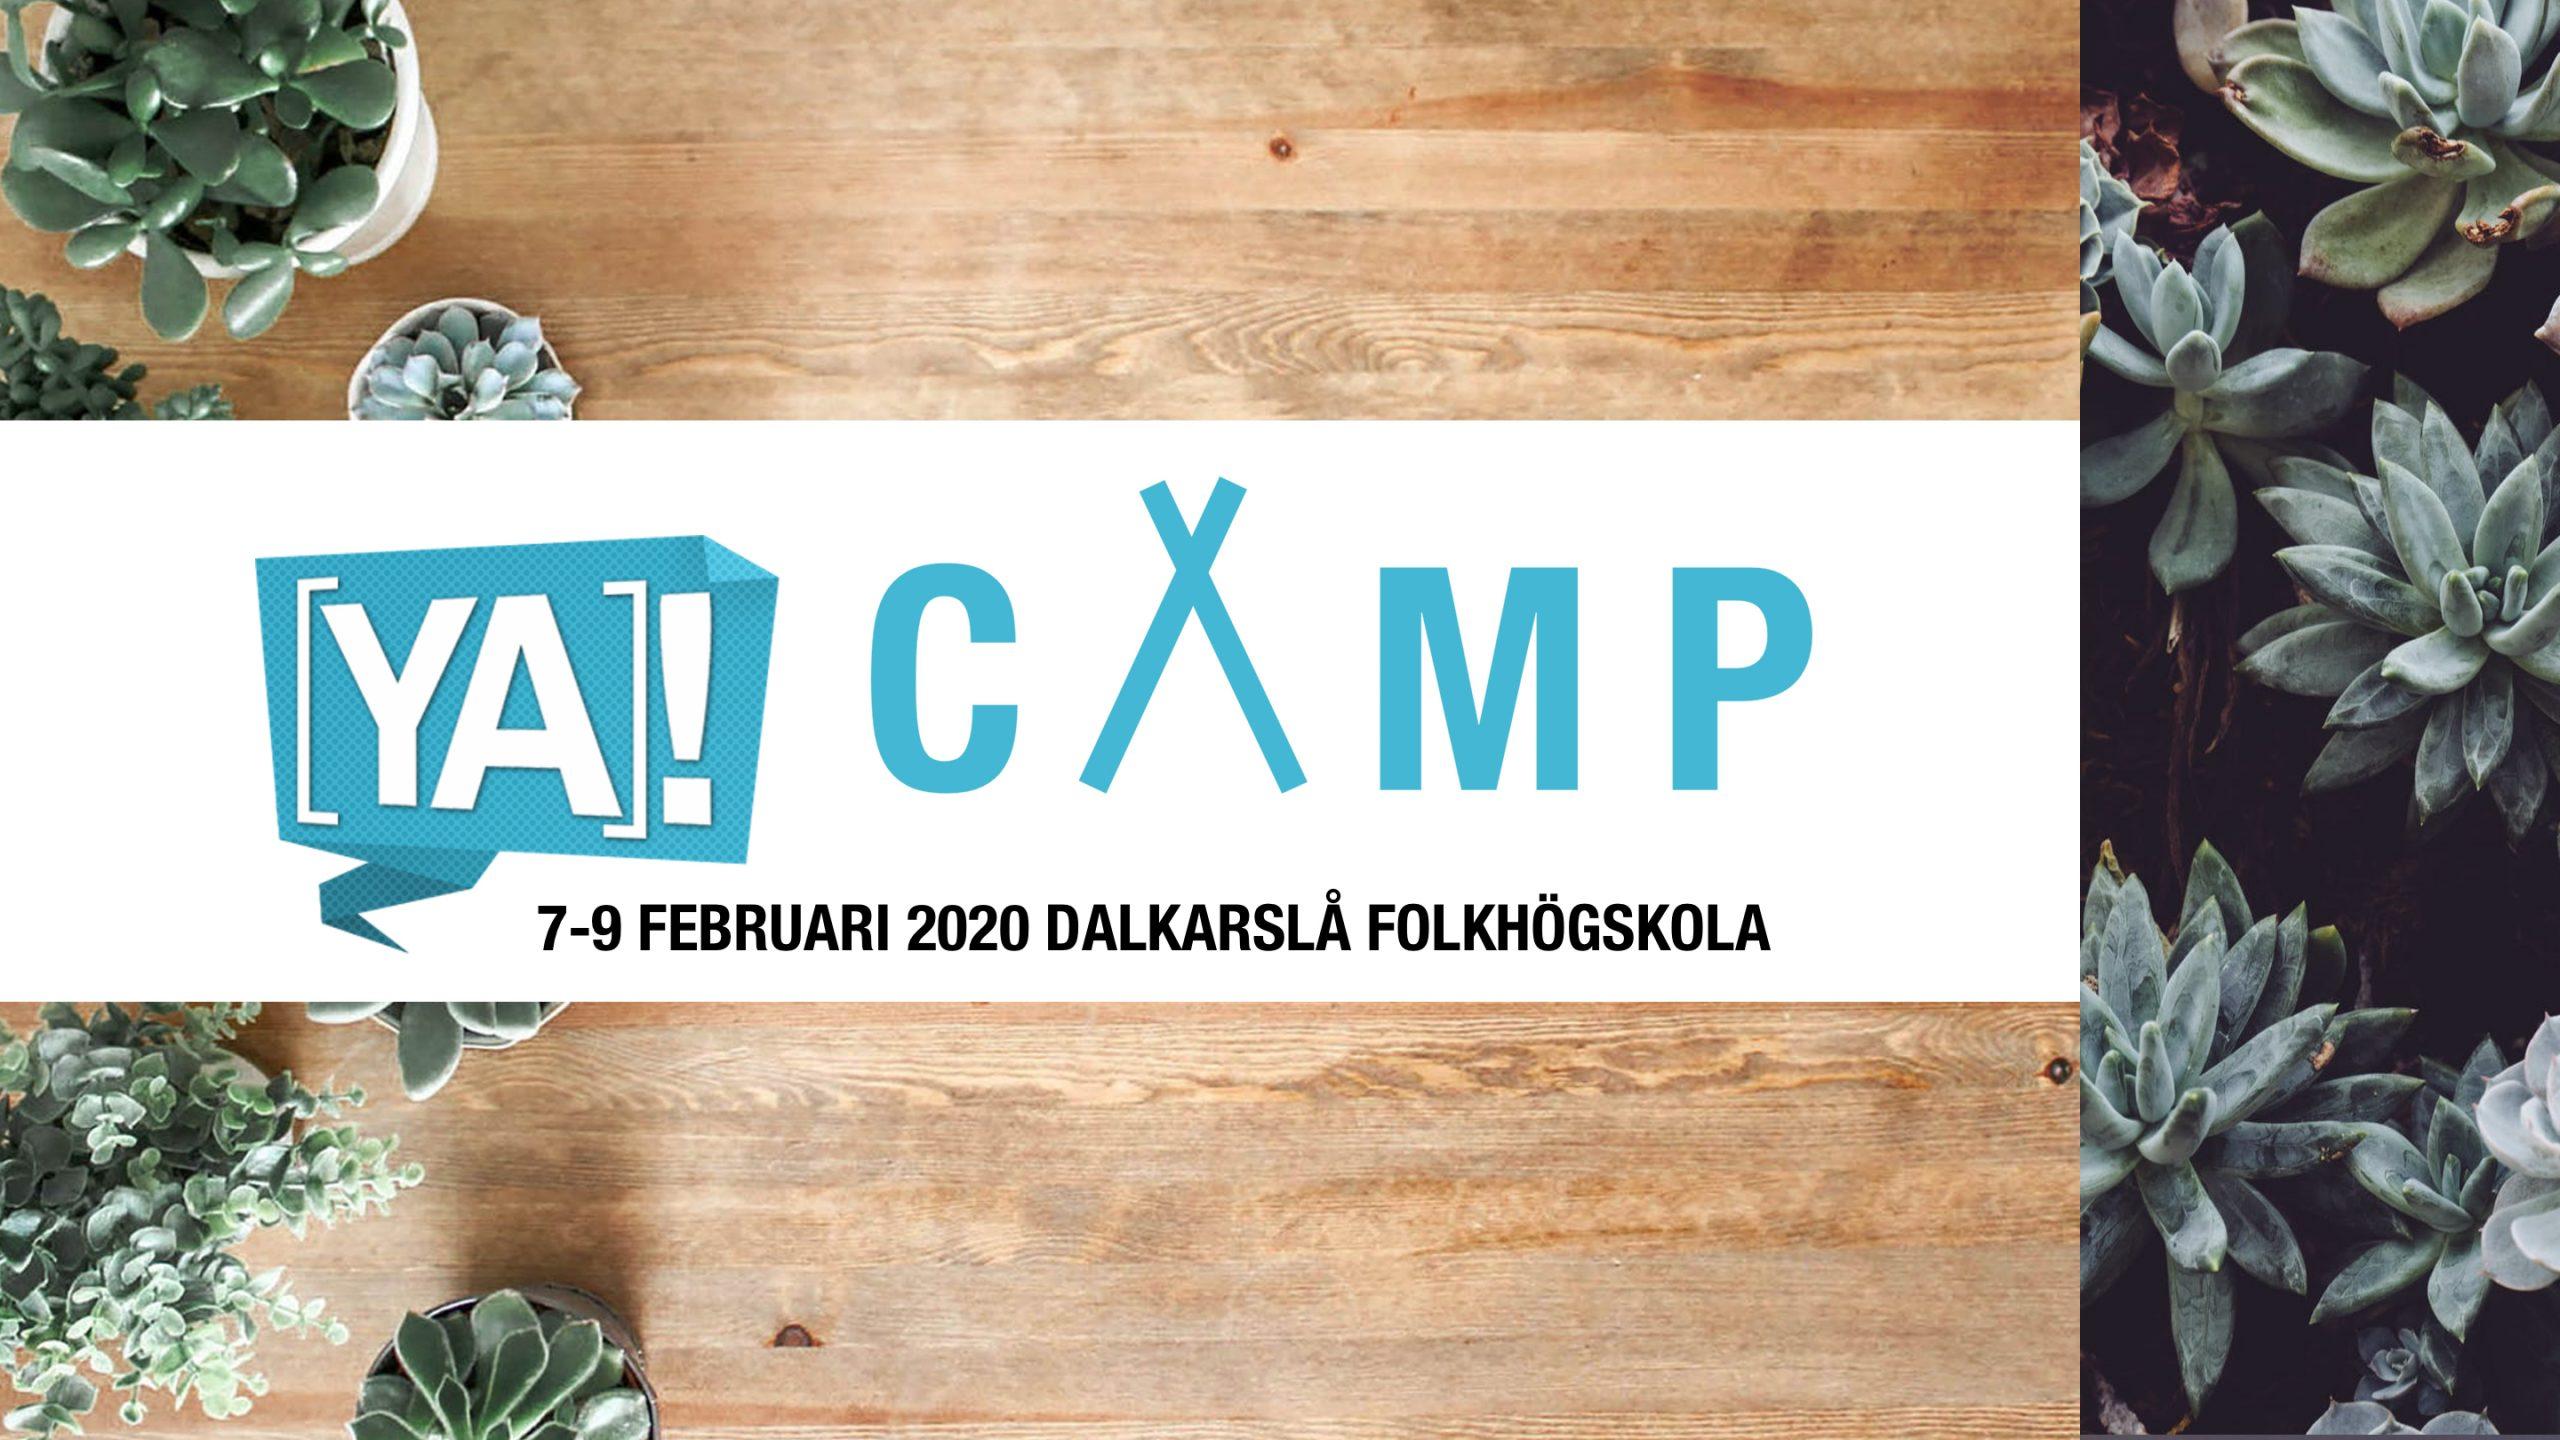 YA CAMP 2020